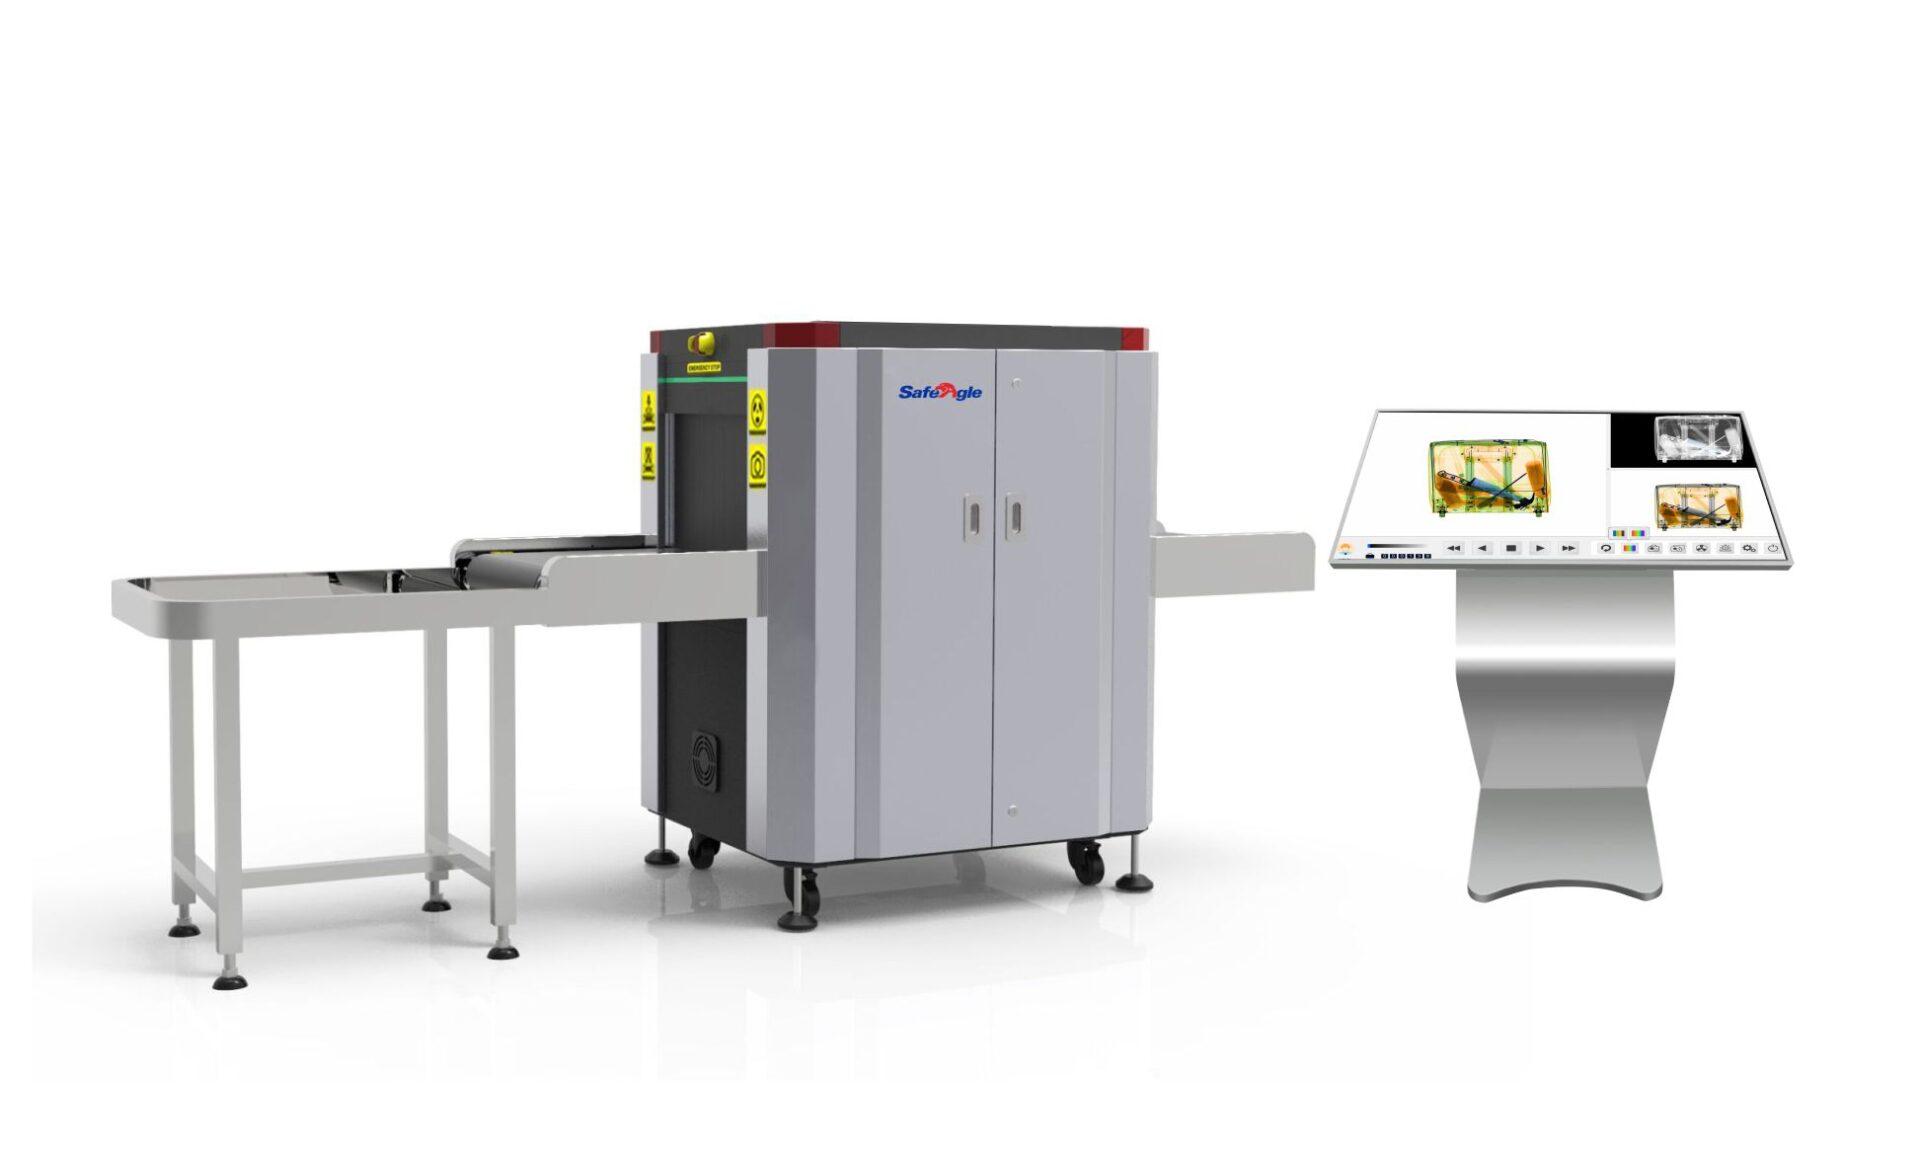 X-ray baggage screening machine5030